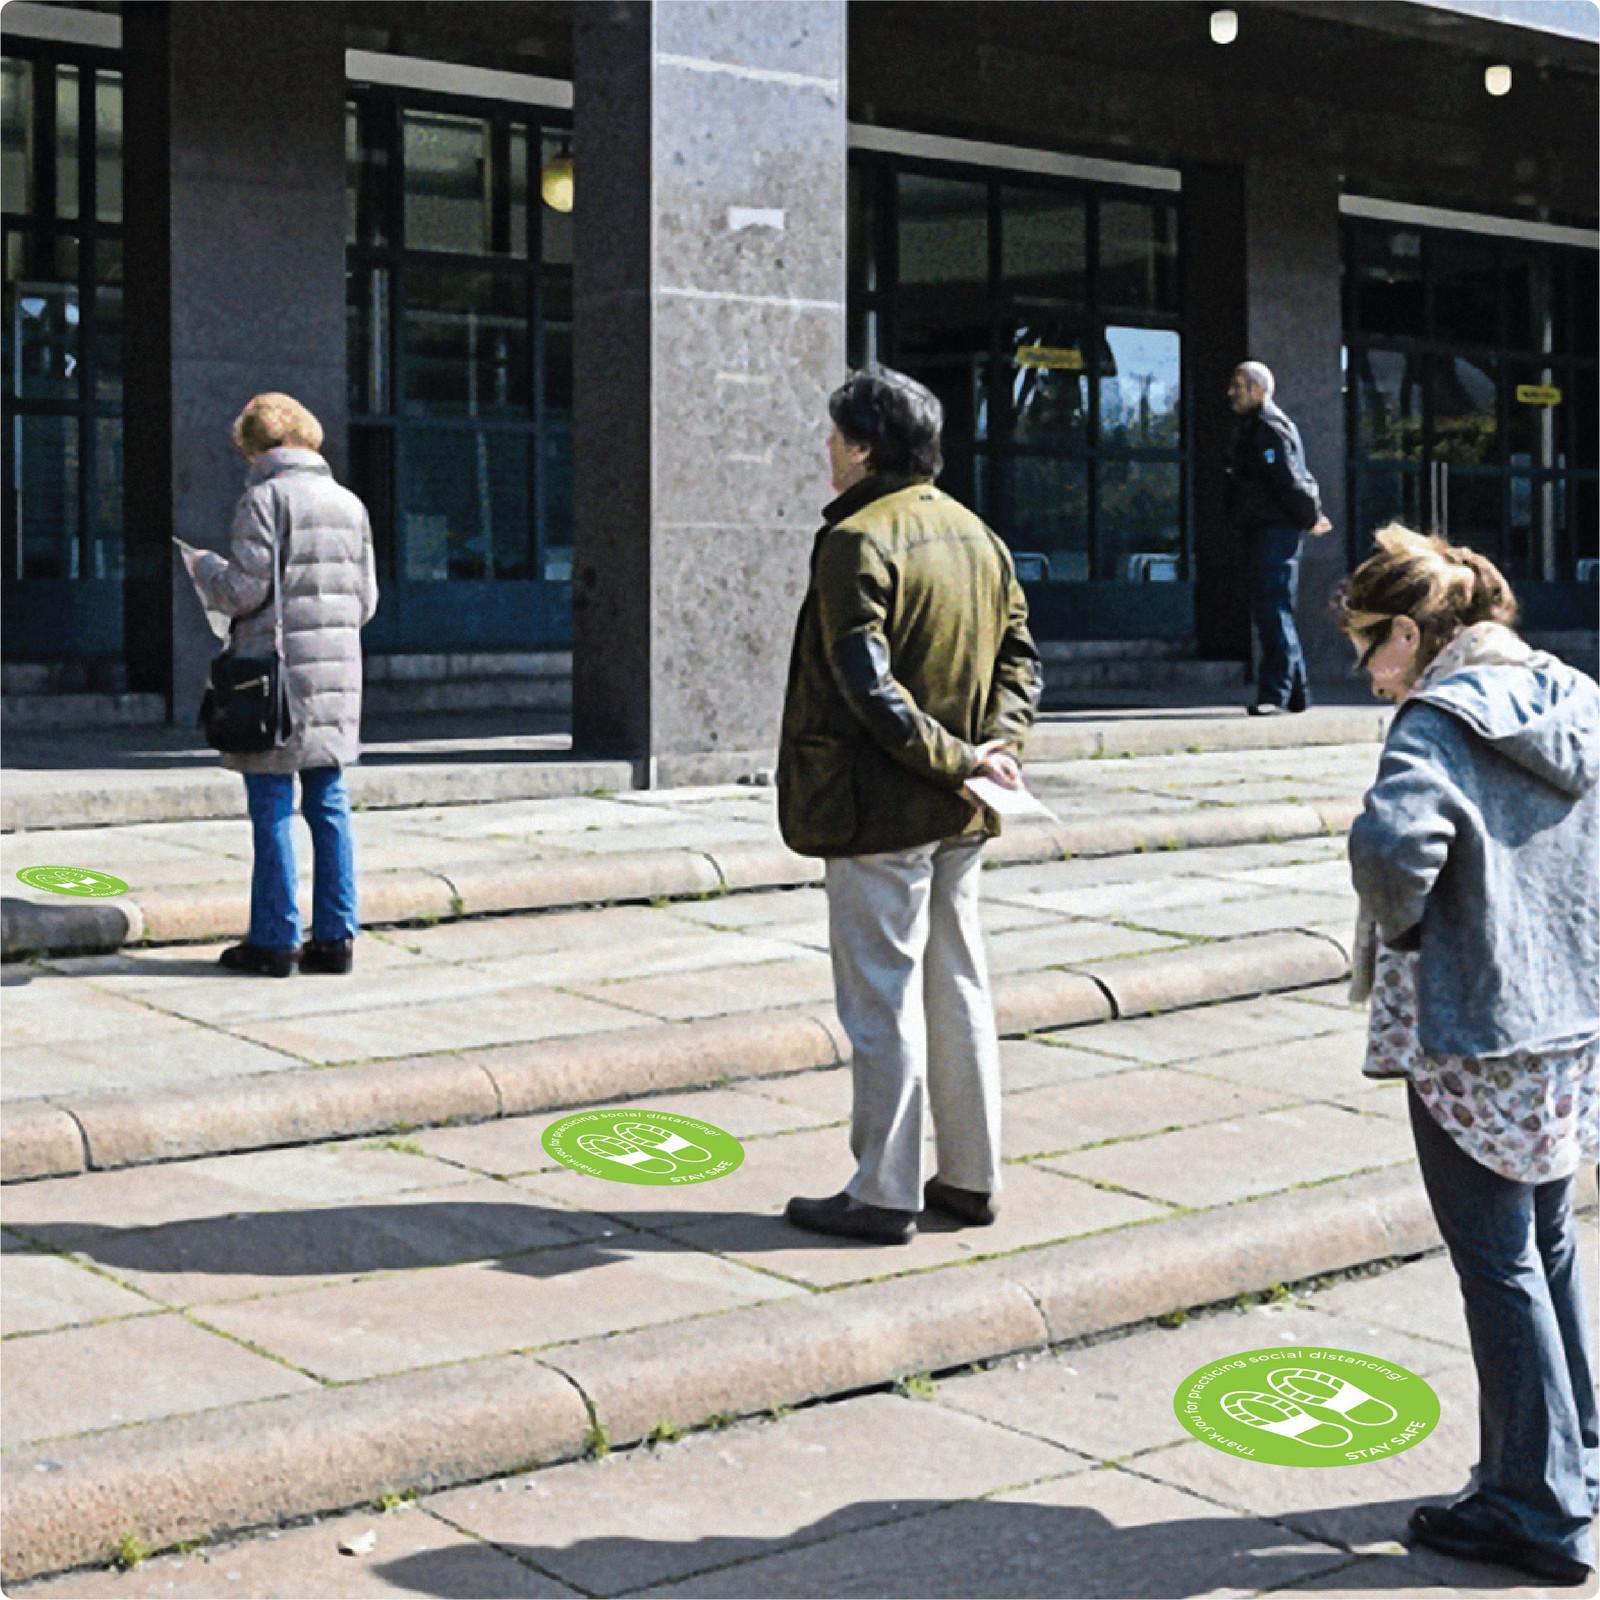 social distancing floor sticker for outdoor floors Self-adhesive Corona virus floor sticker to help social distancing.